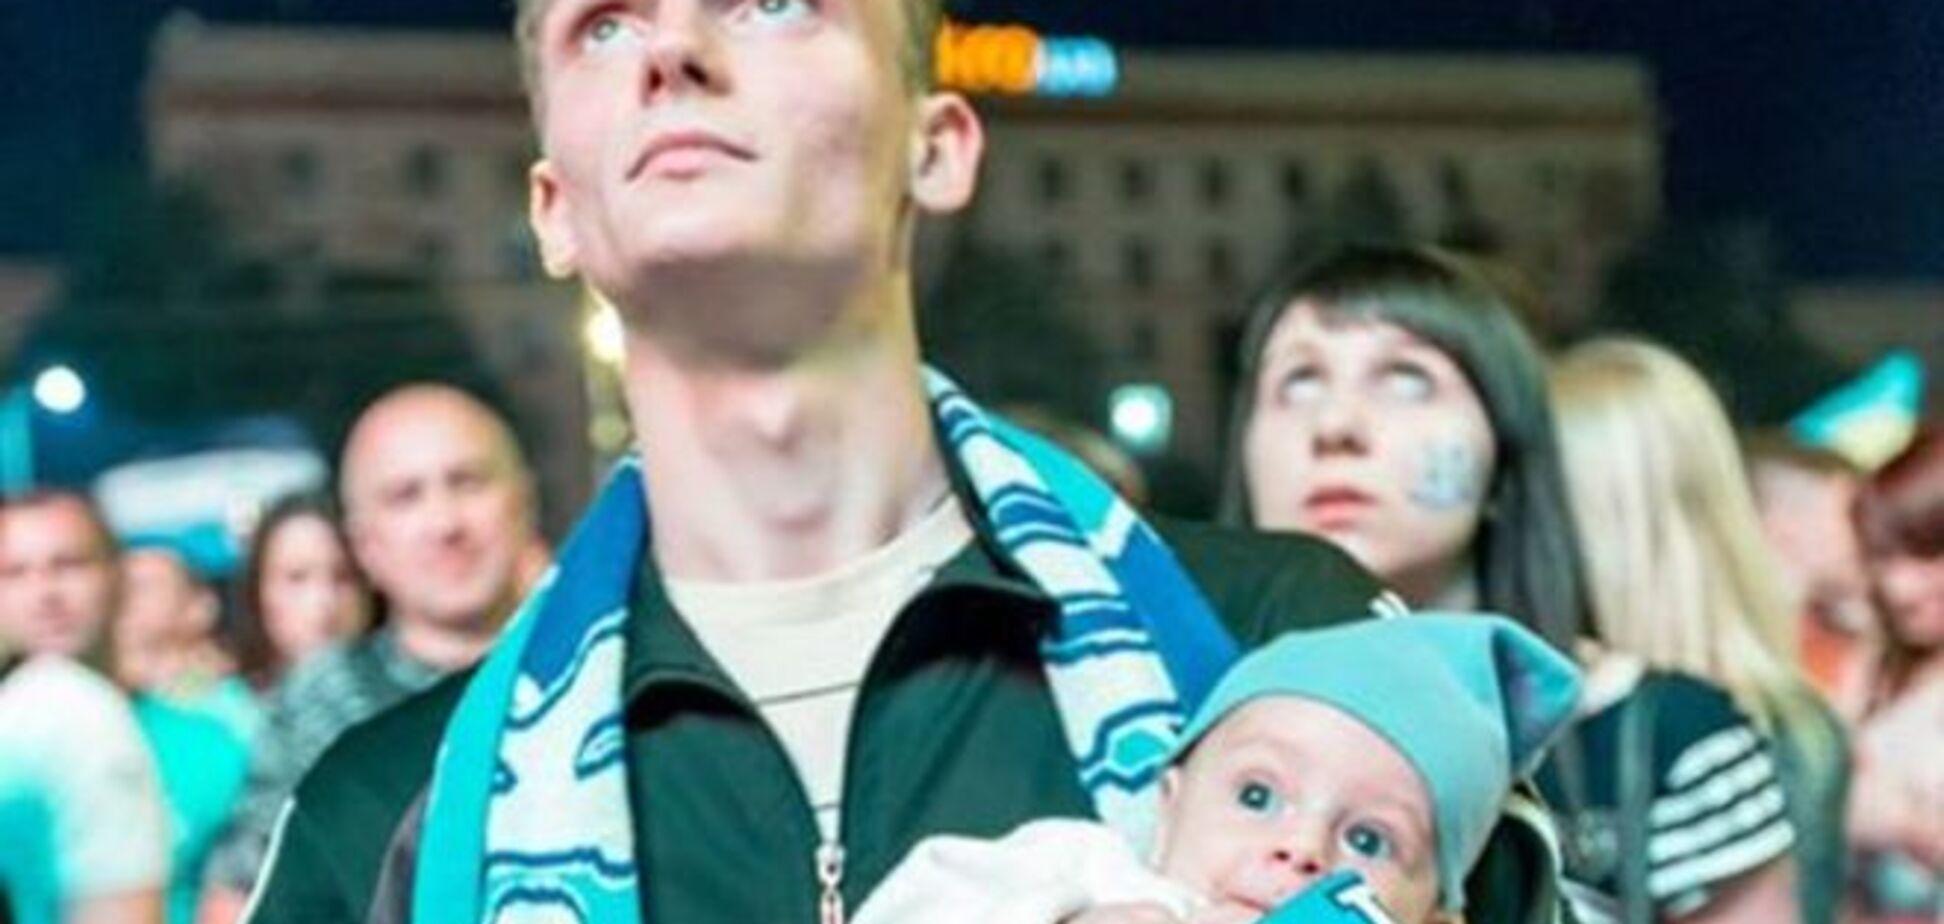 От мала до велика. Как Украина болела за 'Днепр' в финале Лиги Европы: впечатляющее фото